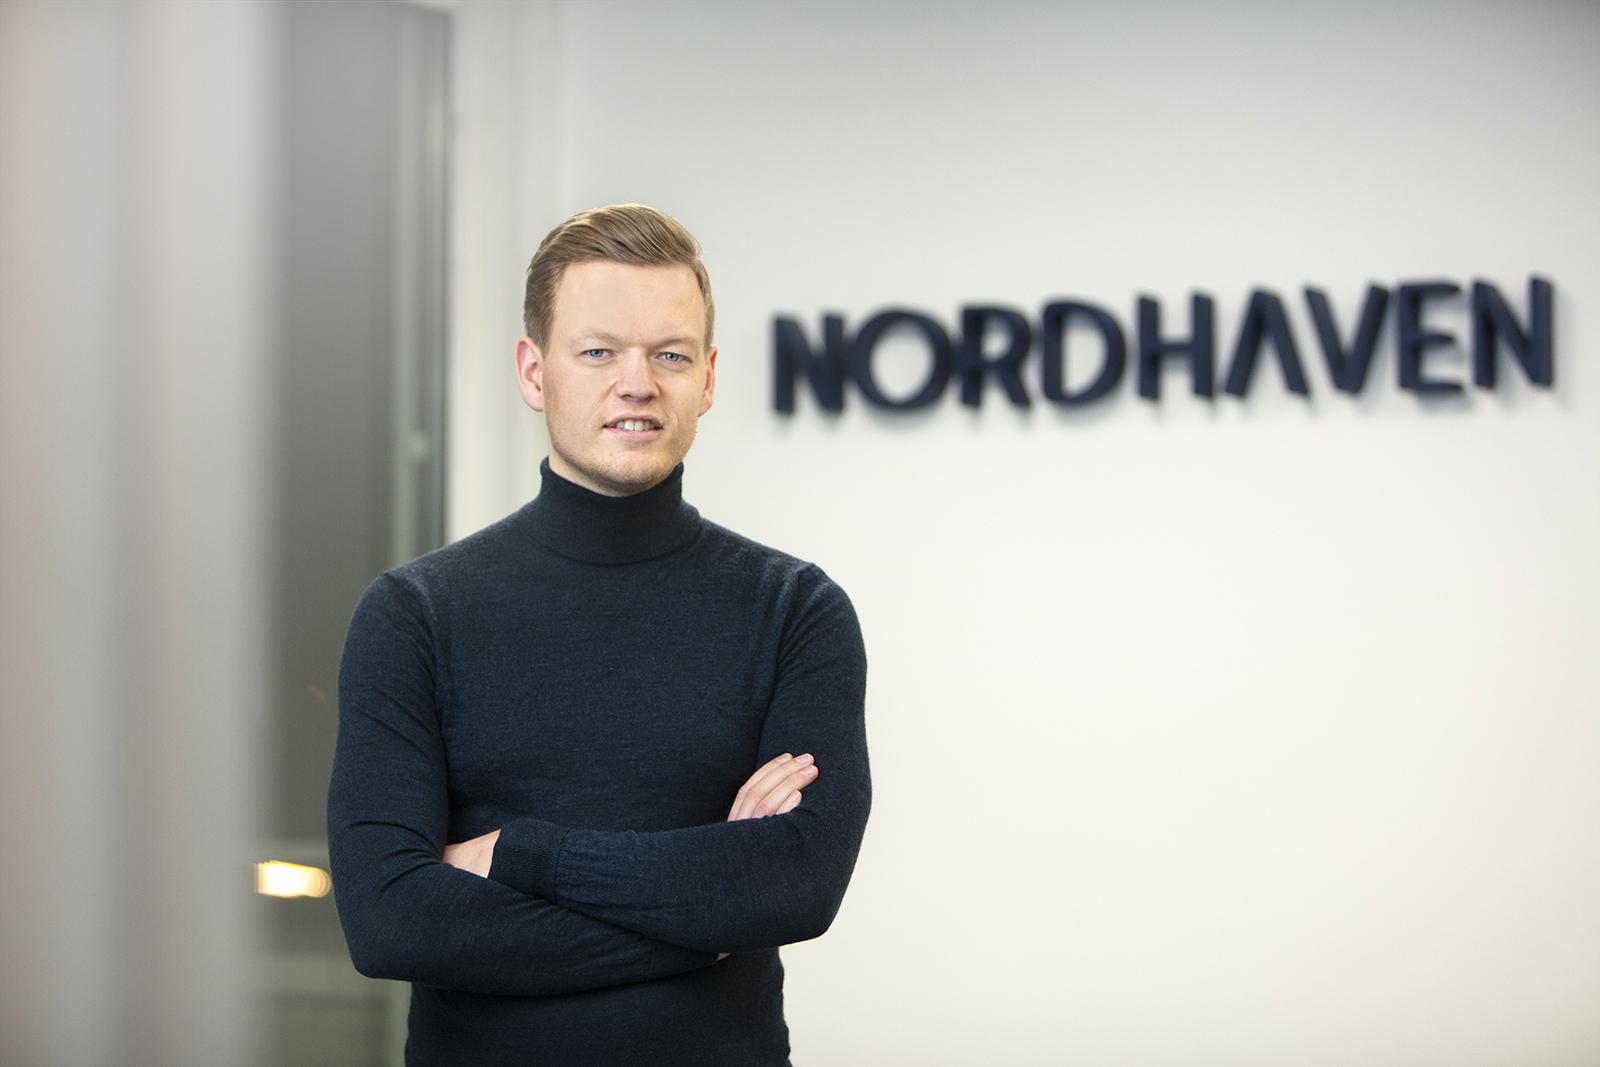 Nordhaven - Johan de Wit